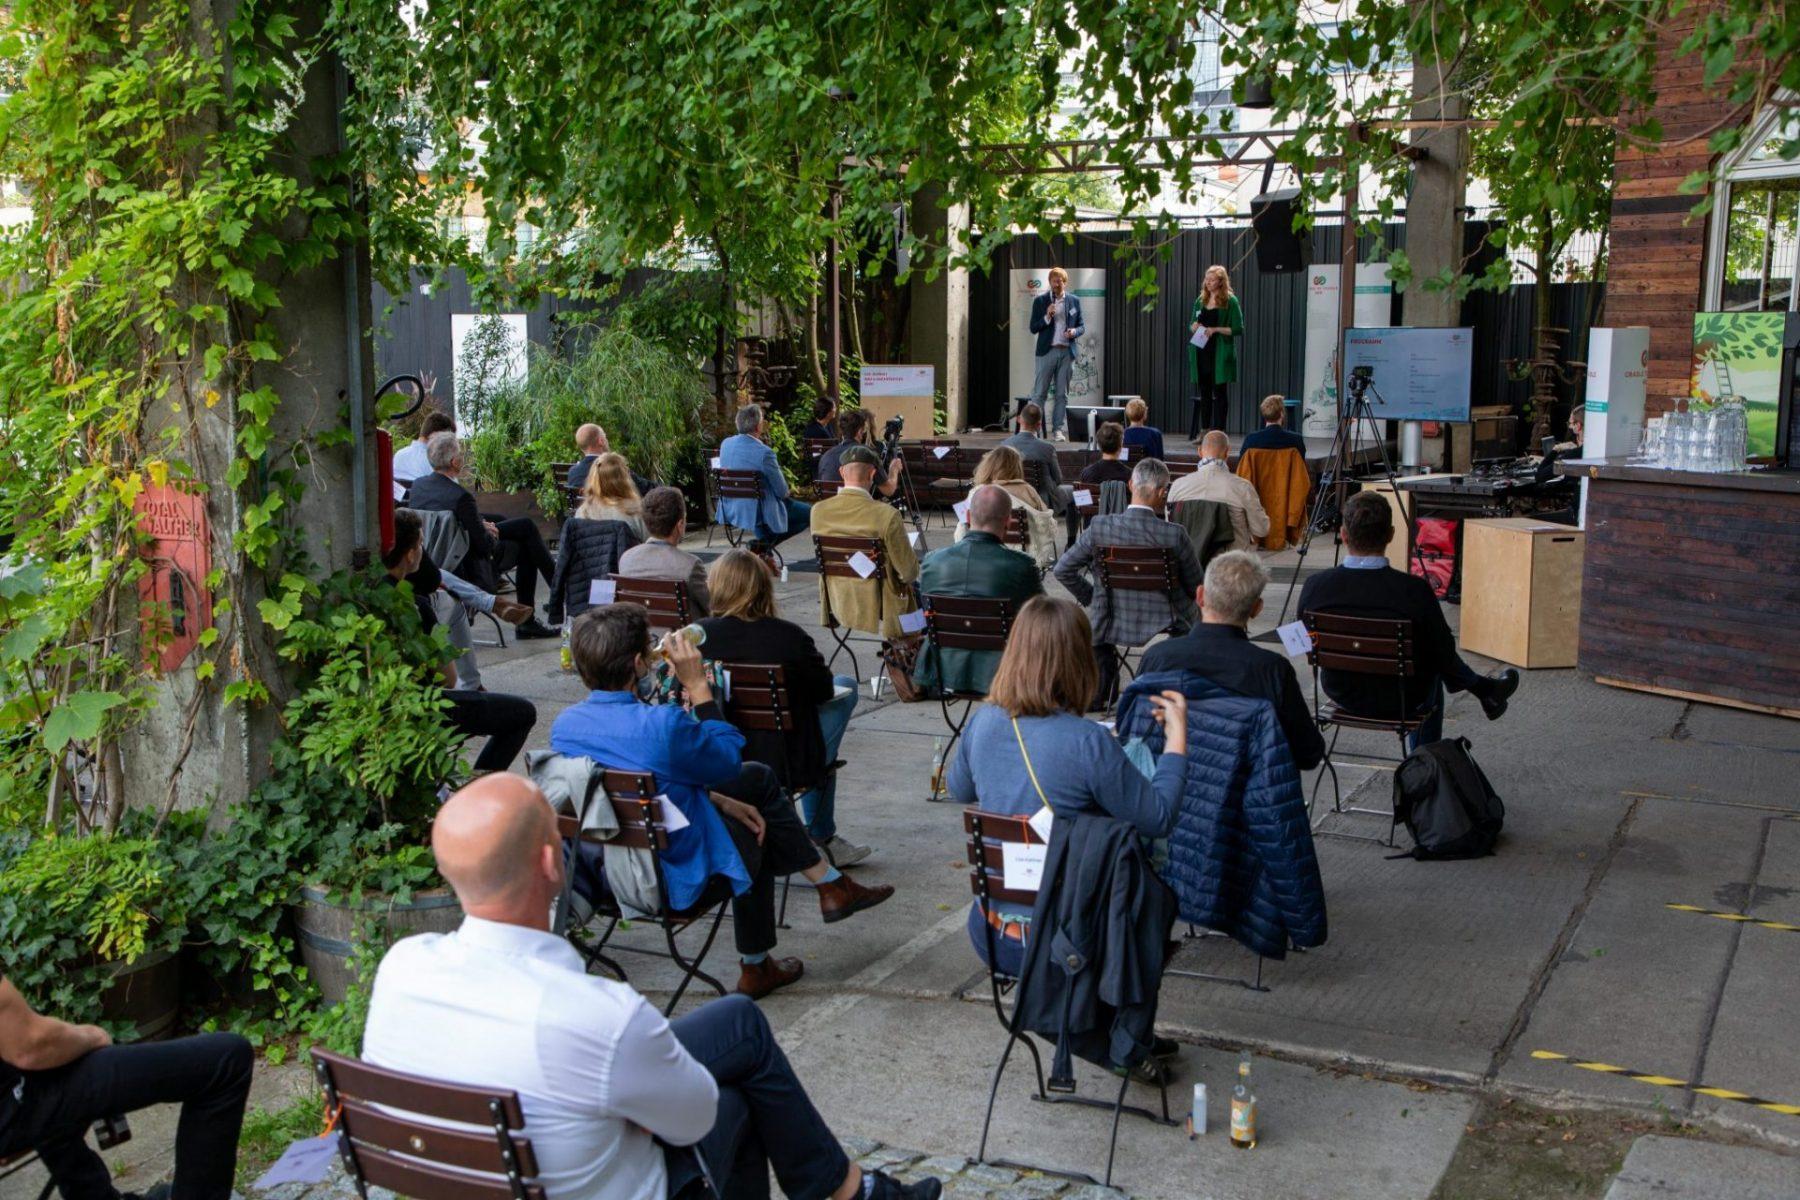 Menschen sitzen draußen vor Bühne auf Stühlen; Blog von Cradle to Cradle NGO